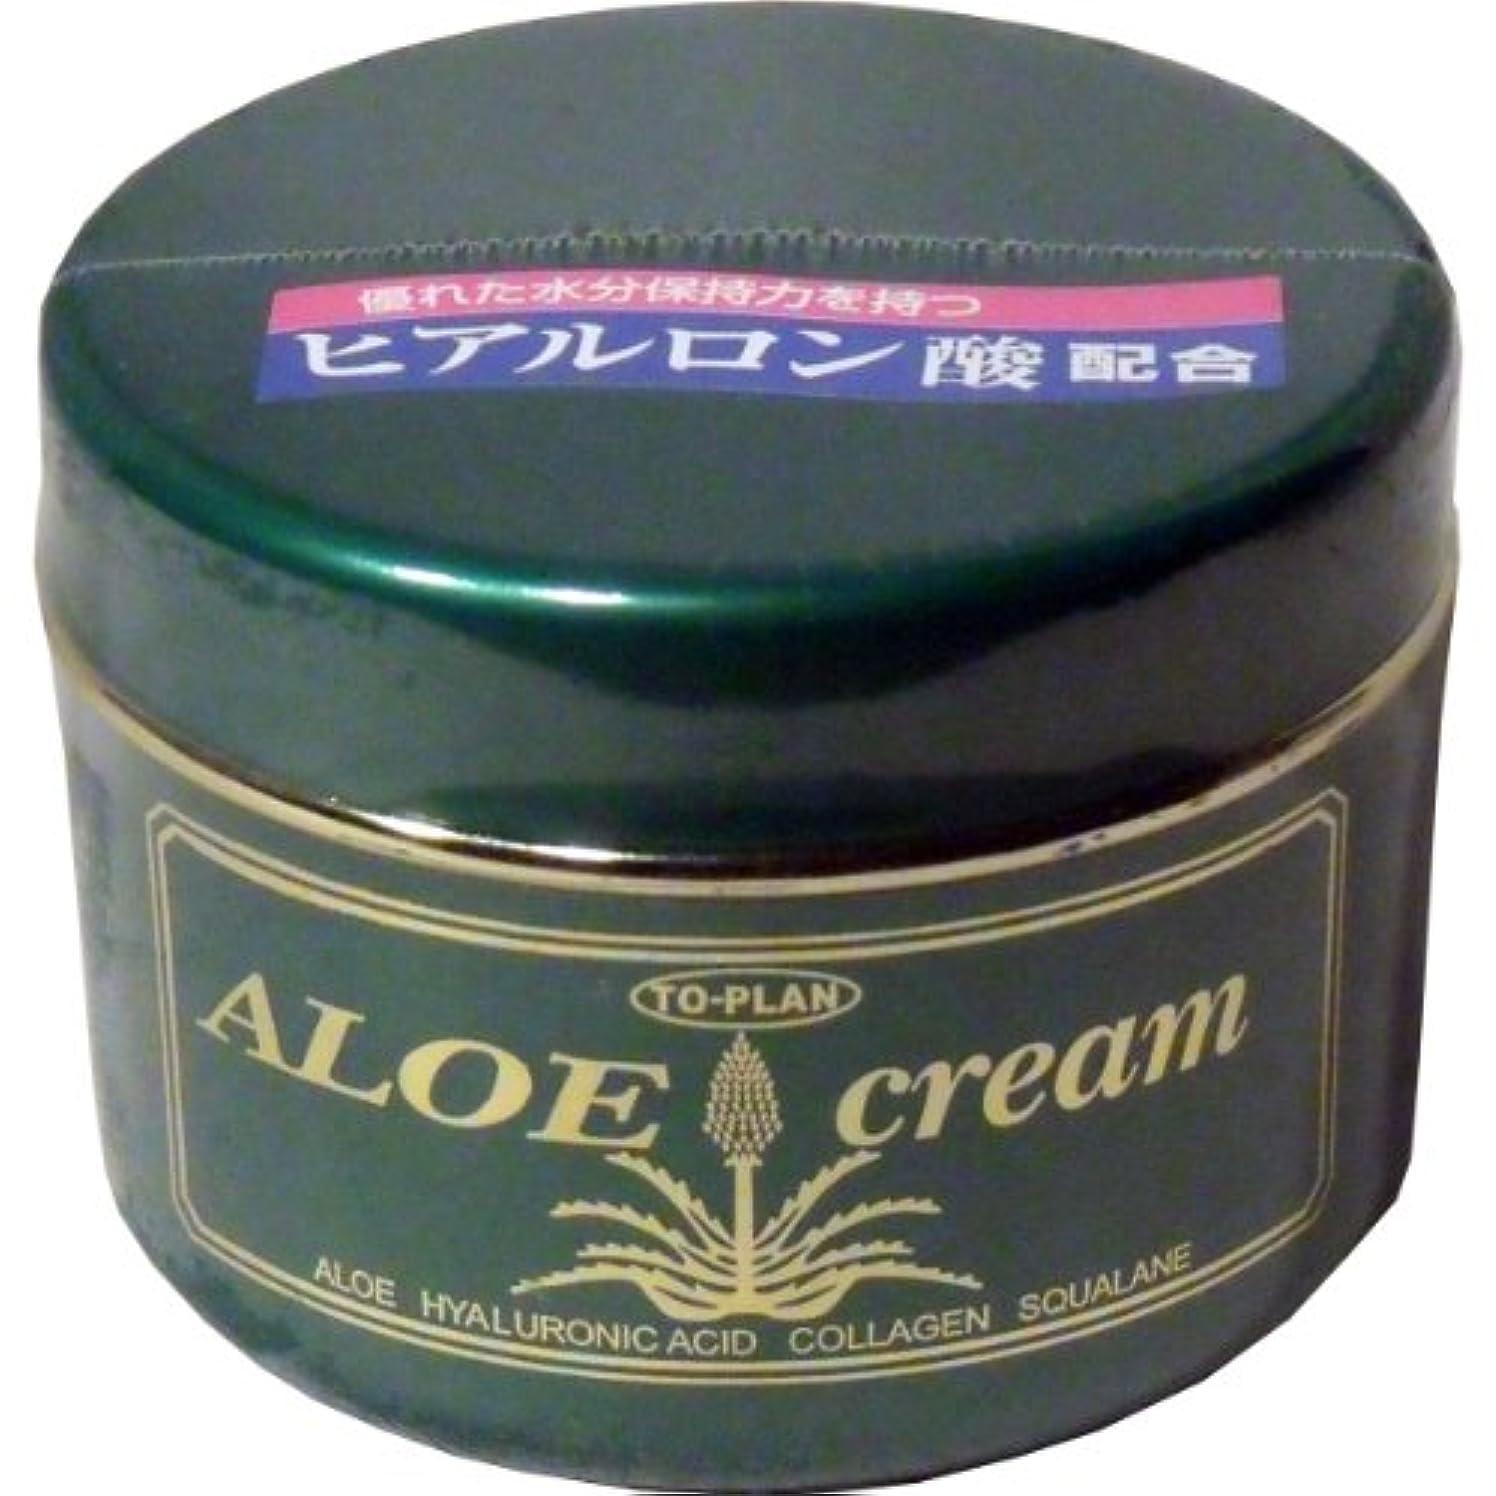 ホイットニー許容できる解釈するトプラン ハーブフレッシュクリーム(アロエクリーム) ヒアルロン酸 170g ×6個セット